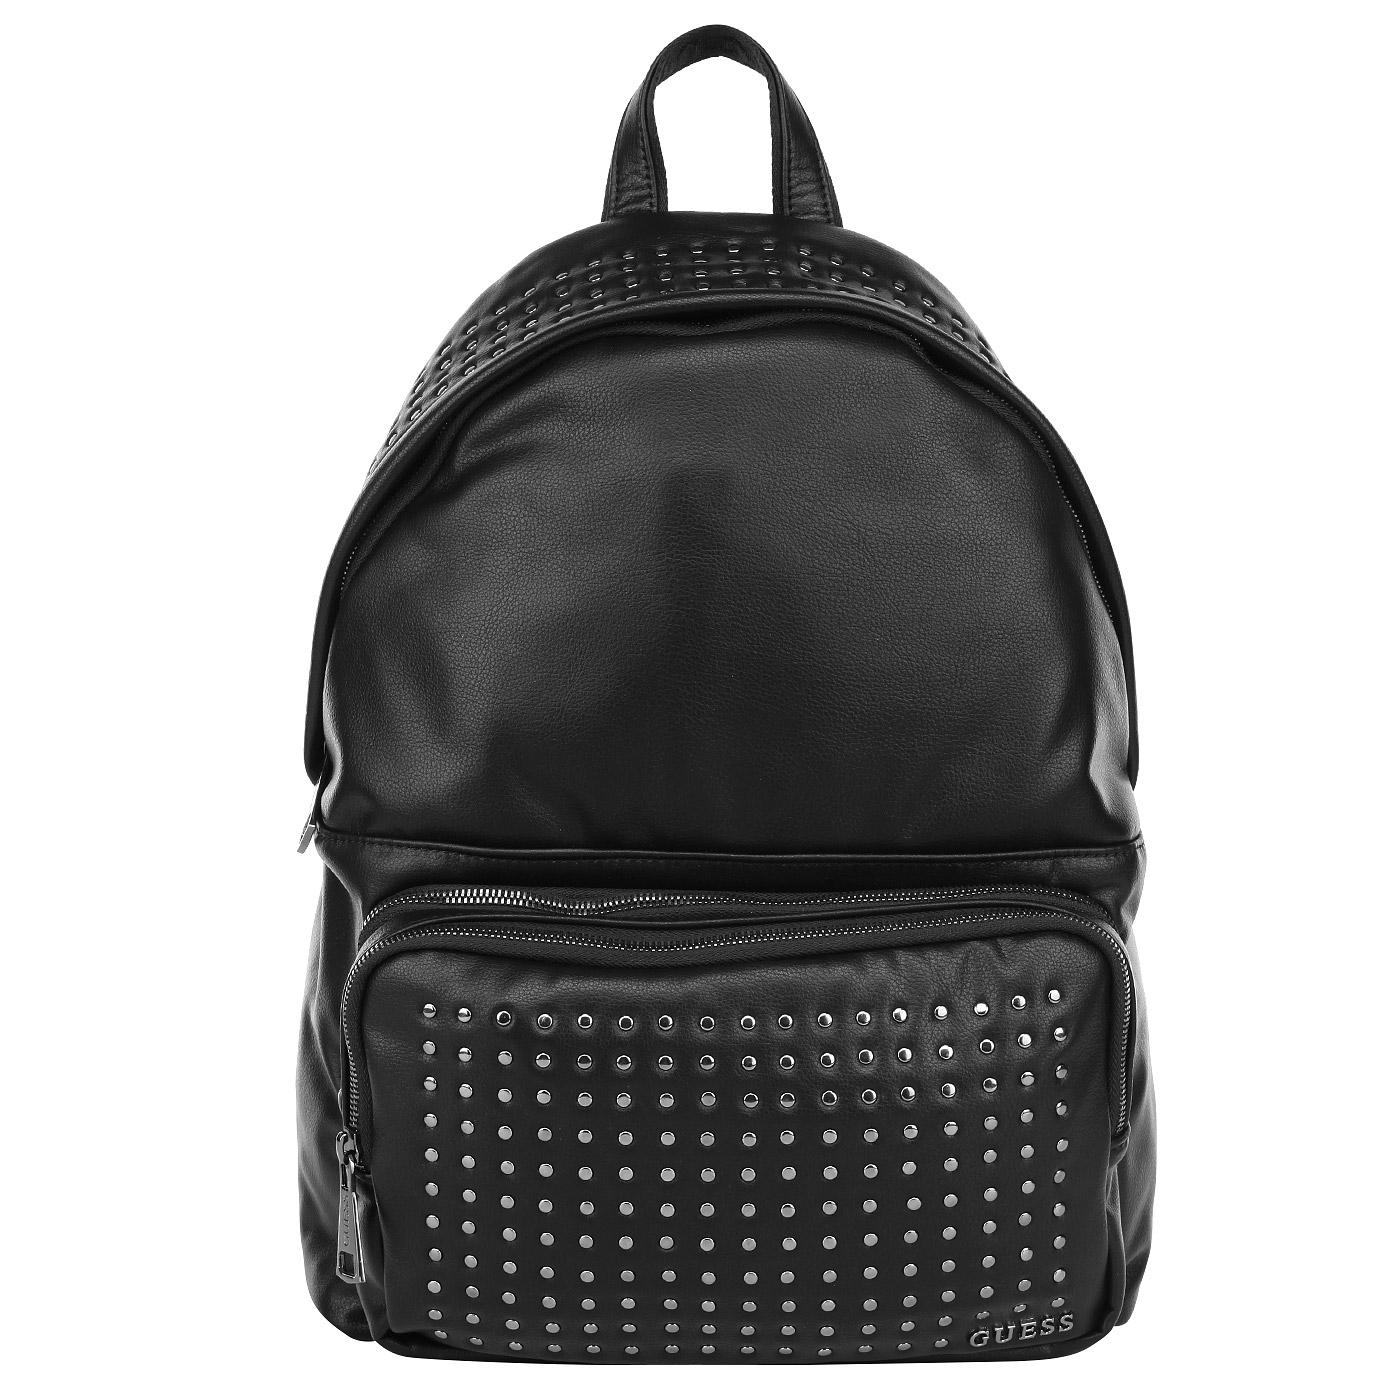 d31b8affcf97 Вместительный мужской рюкзак с отделением для ноутбука Guess HM6131 ...